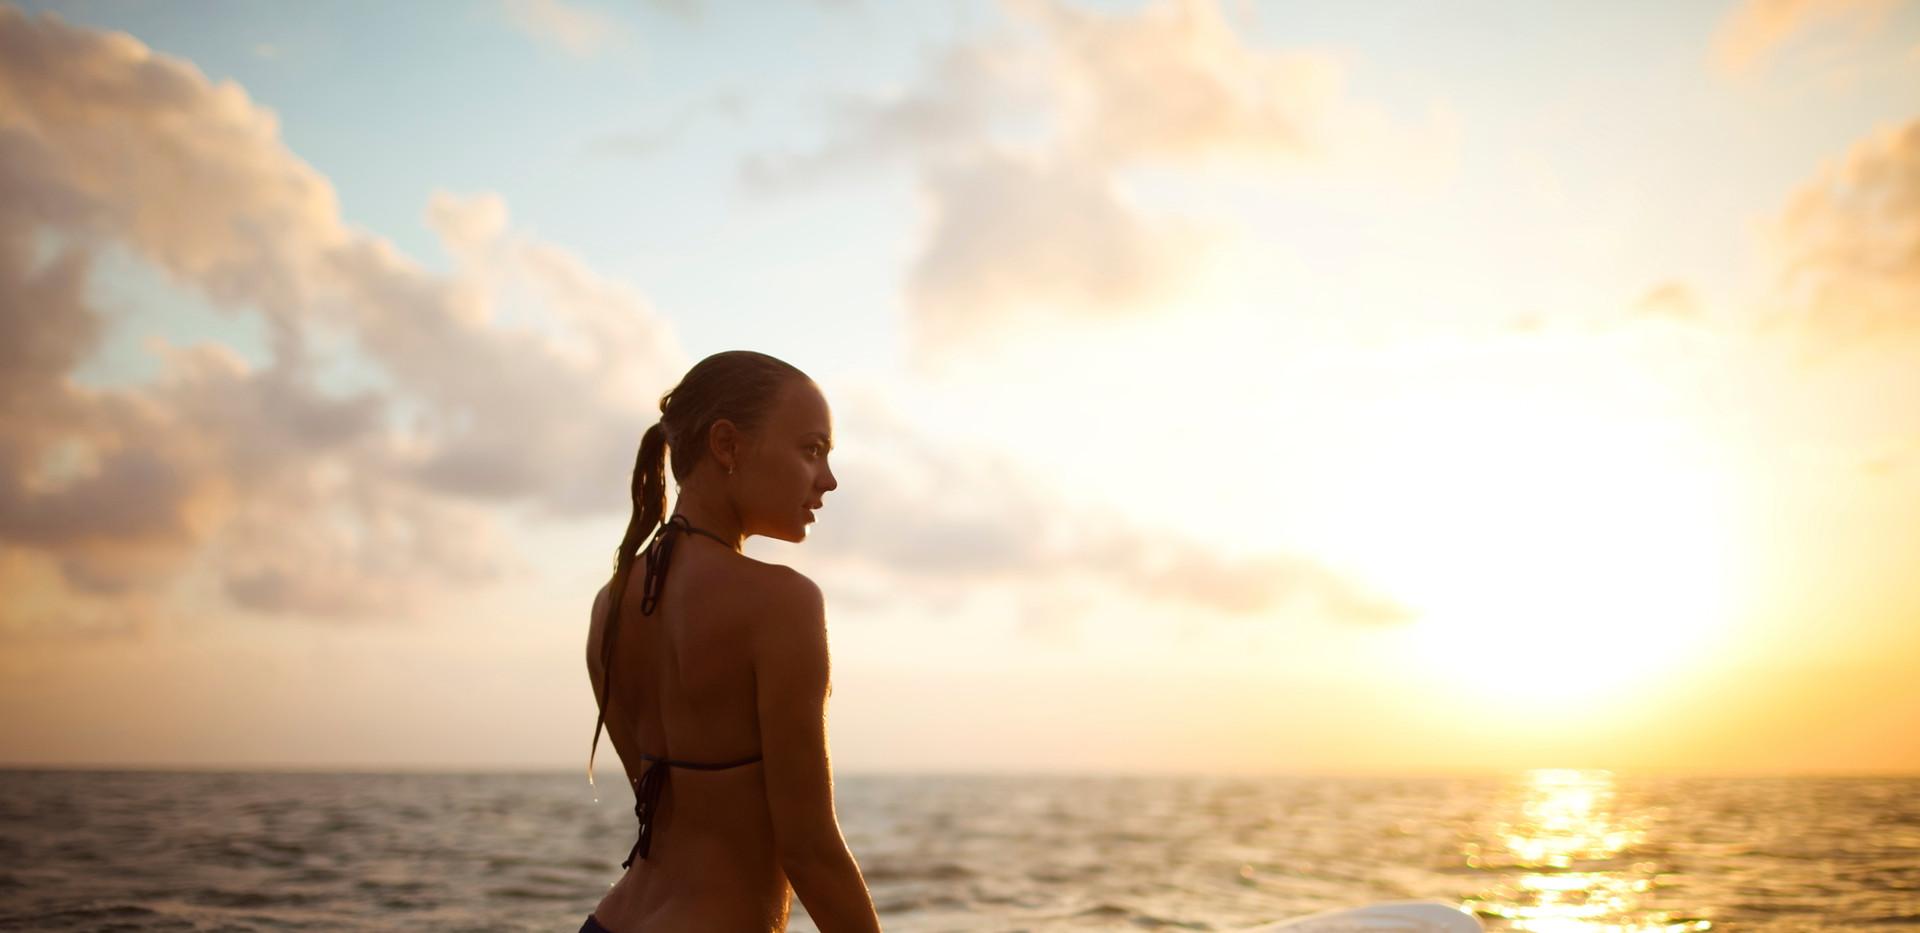 Surf - Girl at sea facing right.jpg